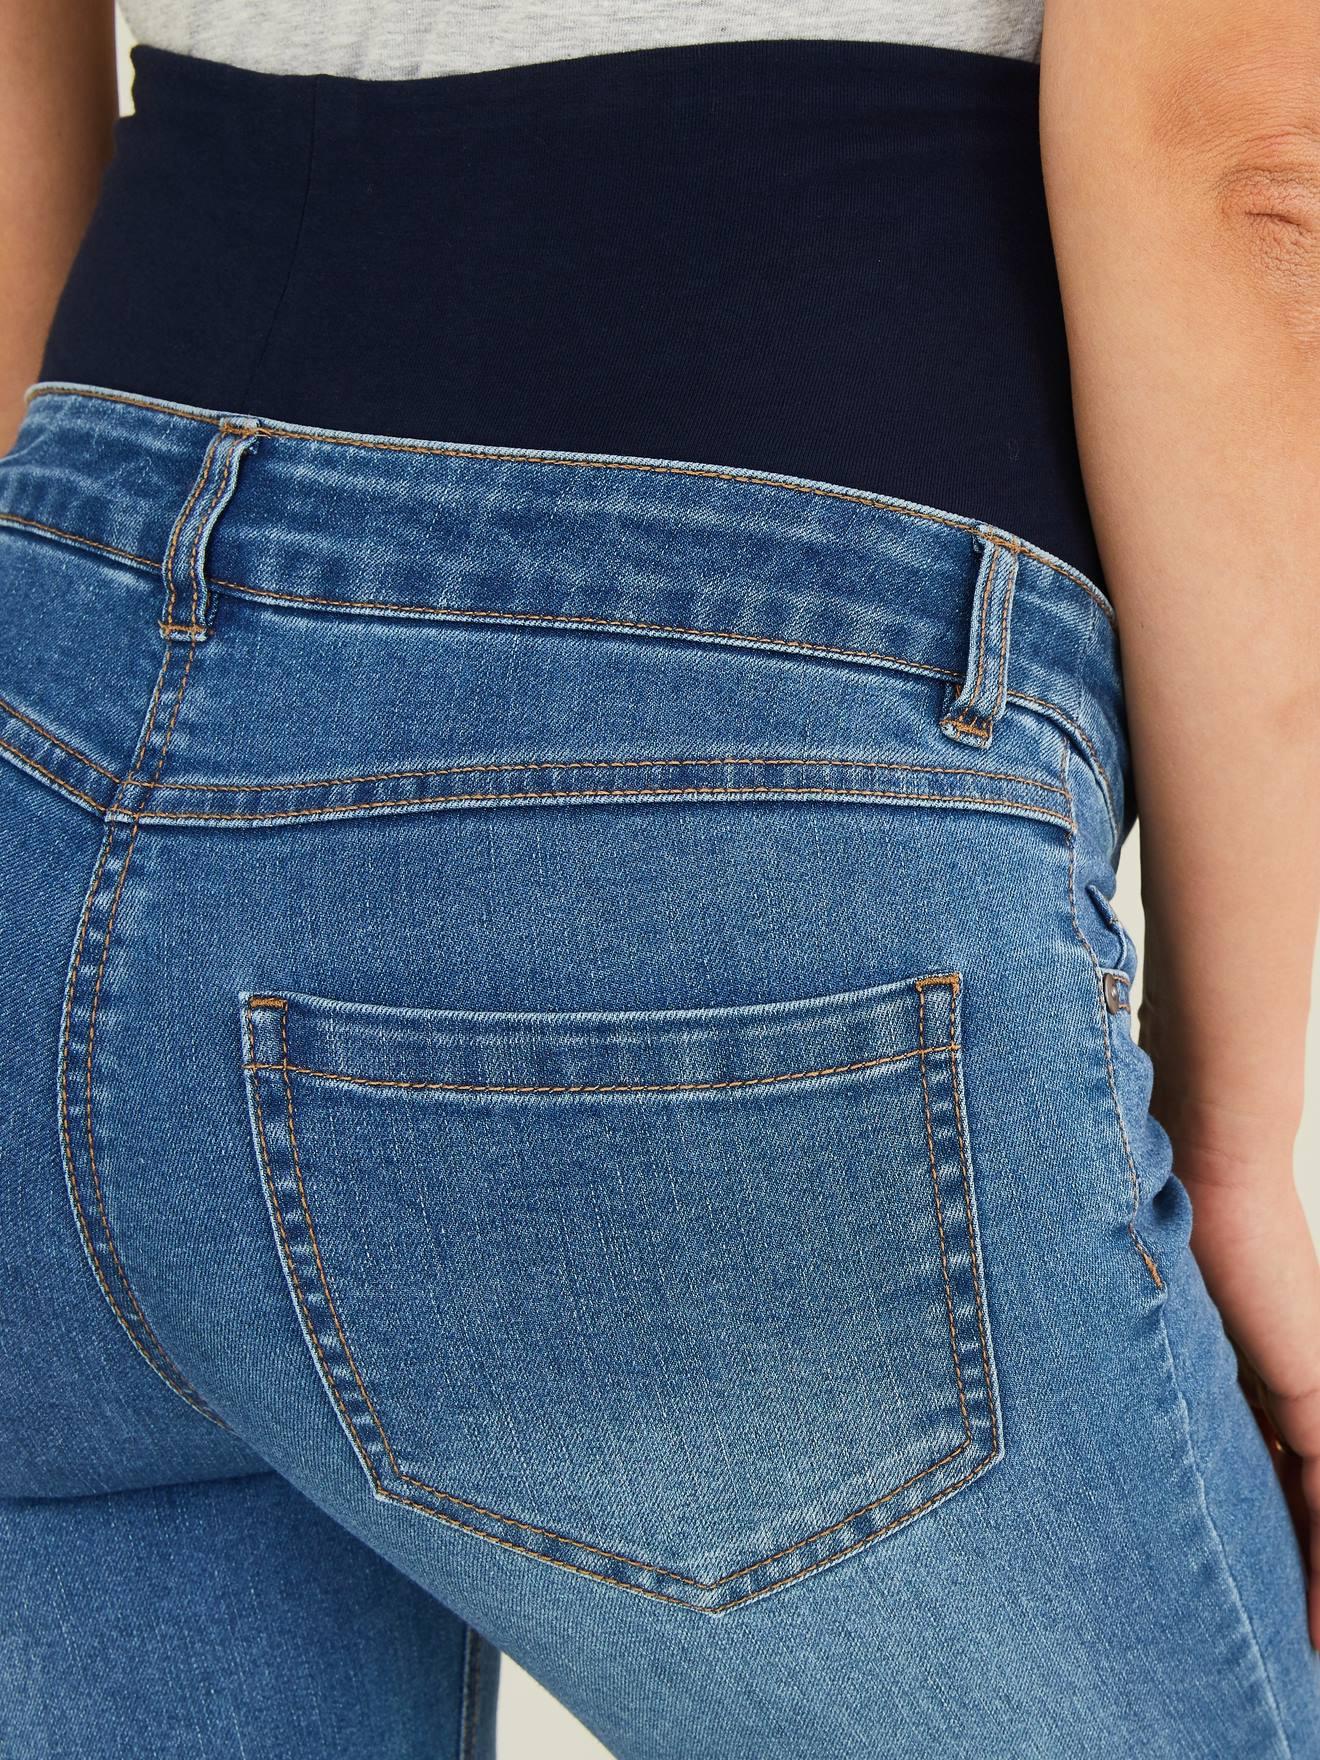 H/üftweite Slim Vertbaudet Slim-Fit-Jeans M/ädchen